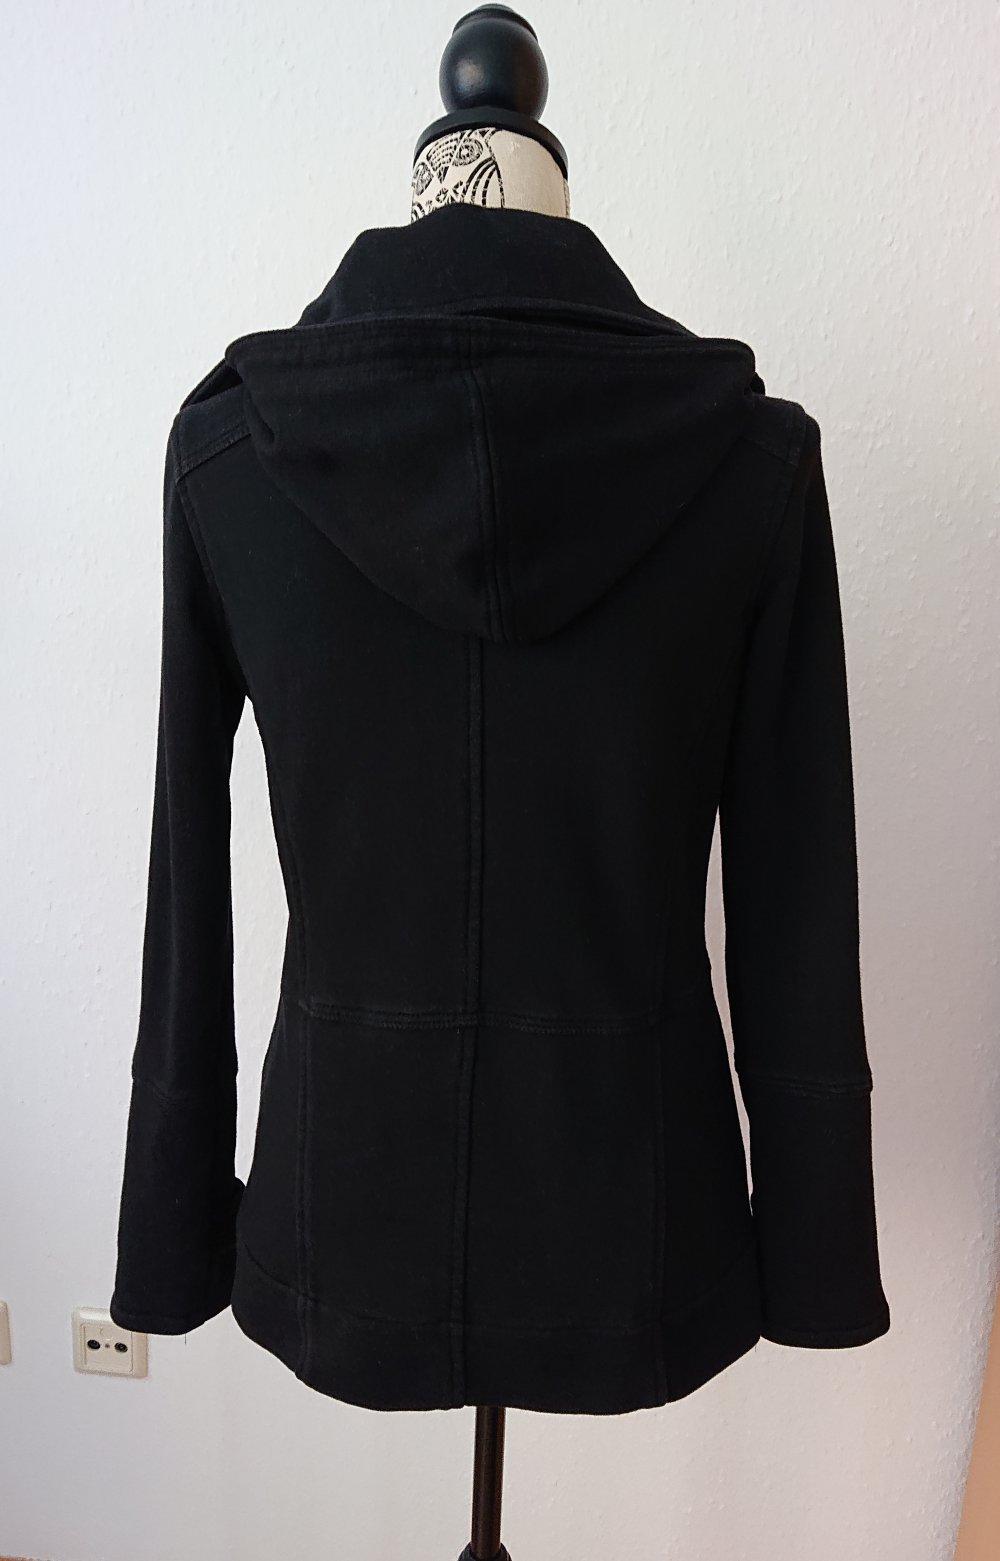 cheap for discount 4a419 480b4 schwarze Übergangsjacke / Sweat Jacke